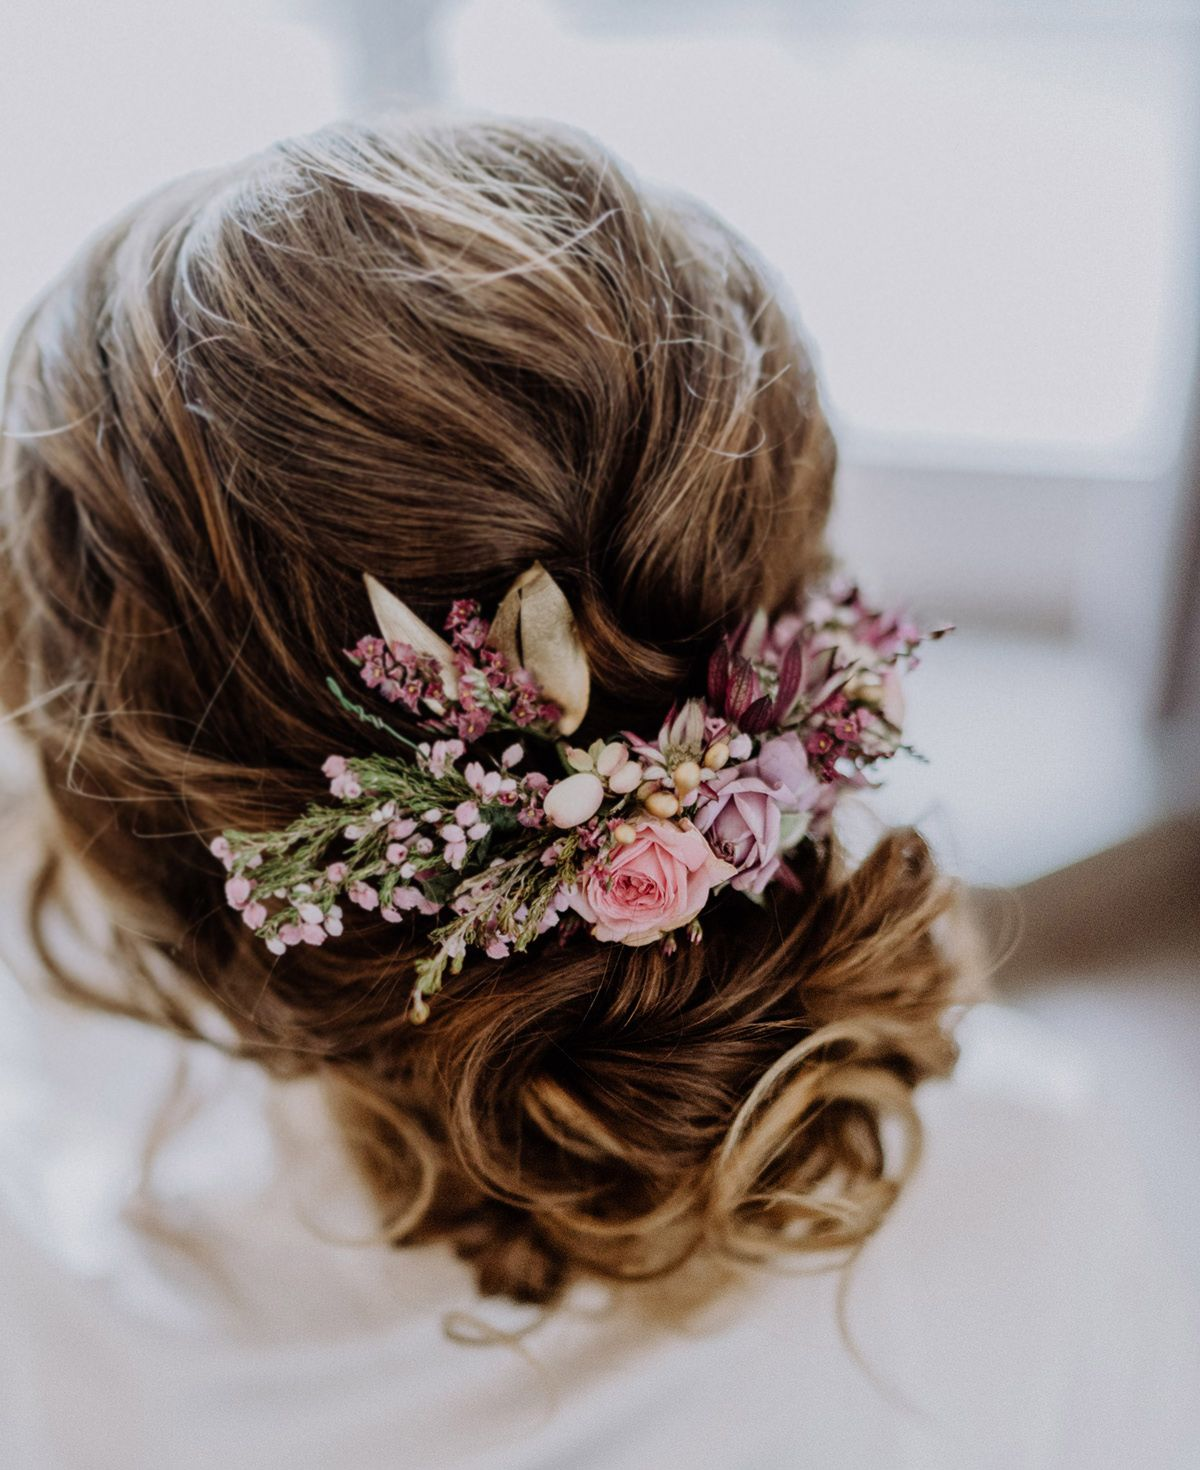 Internationale deutsch-französische Hochzeit - Hochzeitsfotograf #hairpiecesforwedding